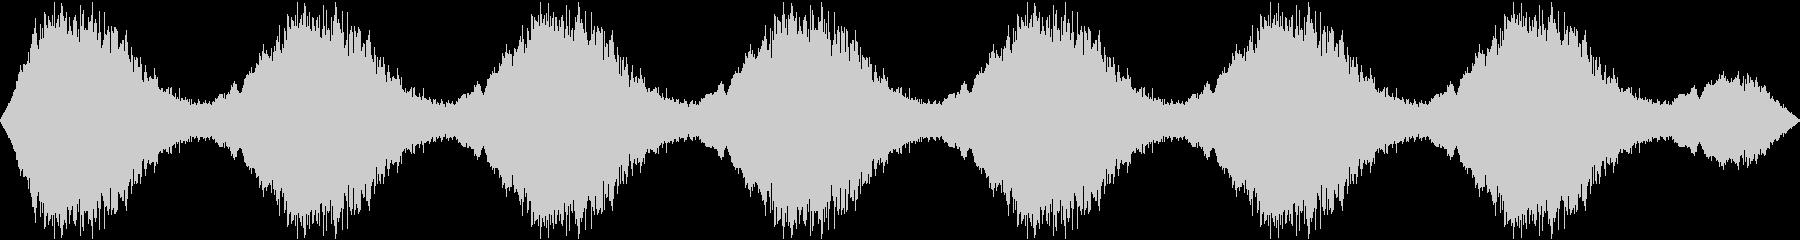 【ダークアンビエント】 破滅の未再生の波形